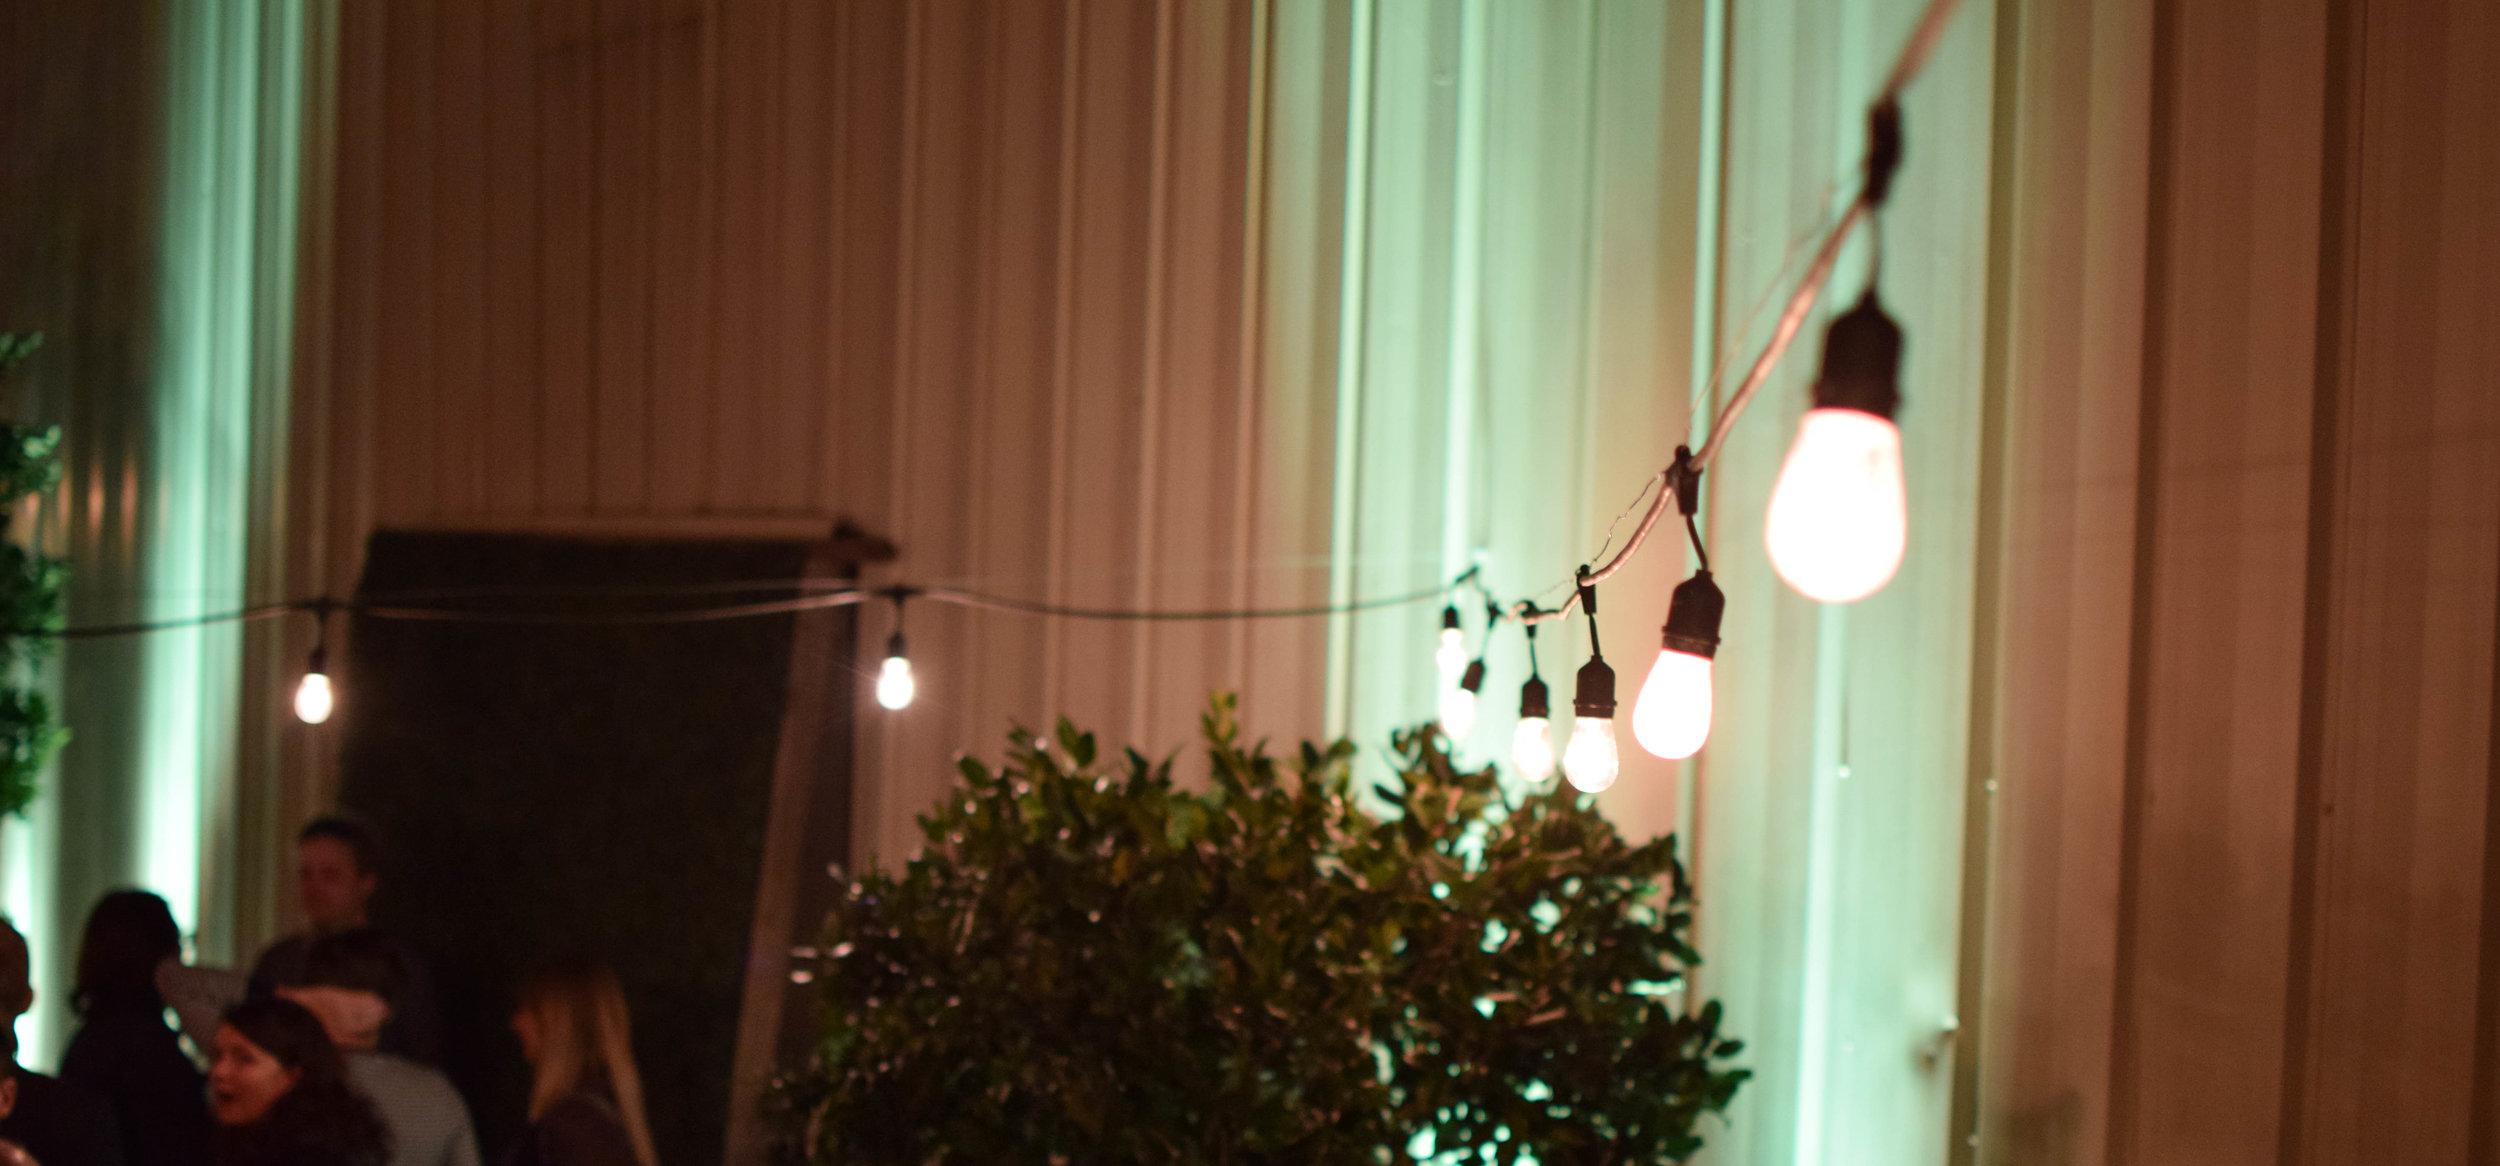 lights outside.jpg